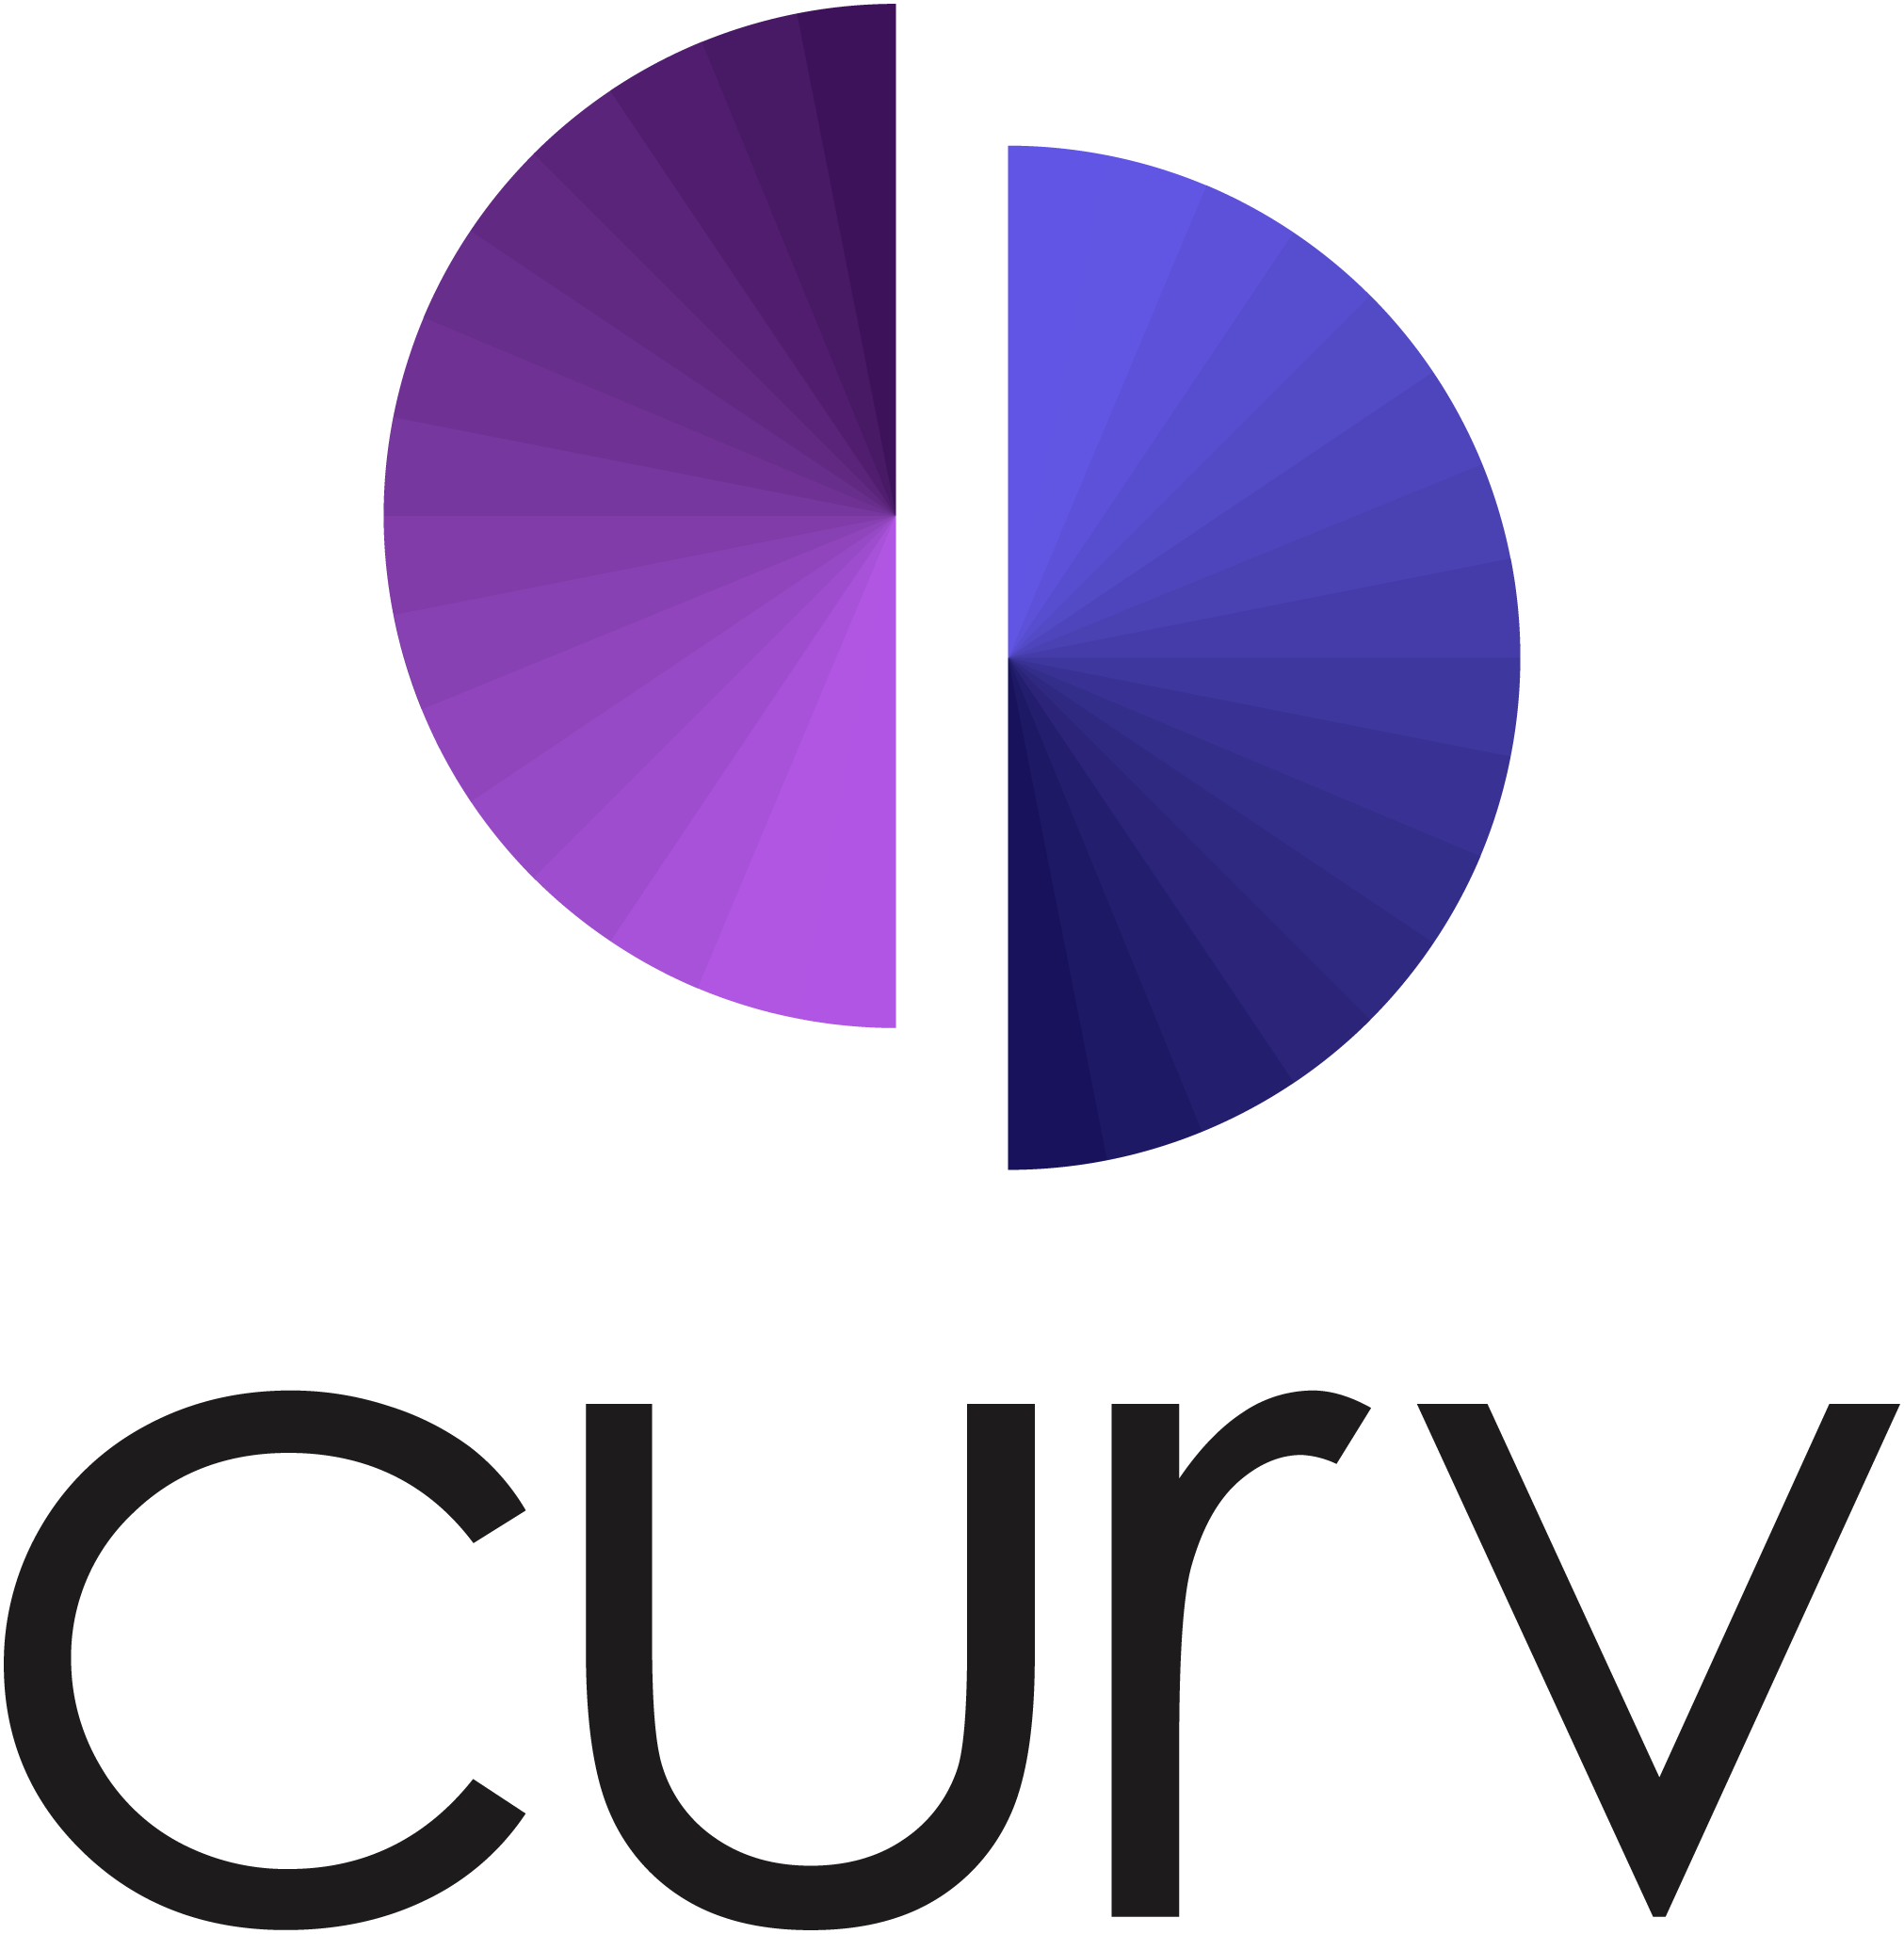 curvlogo_v1-01 copy copy.png